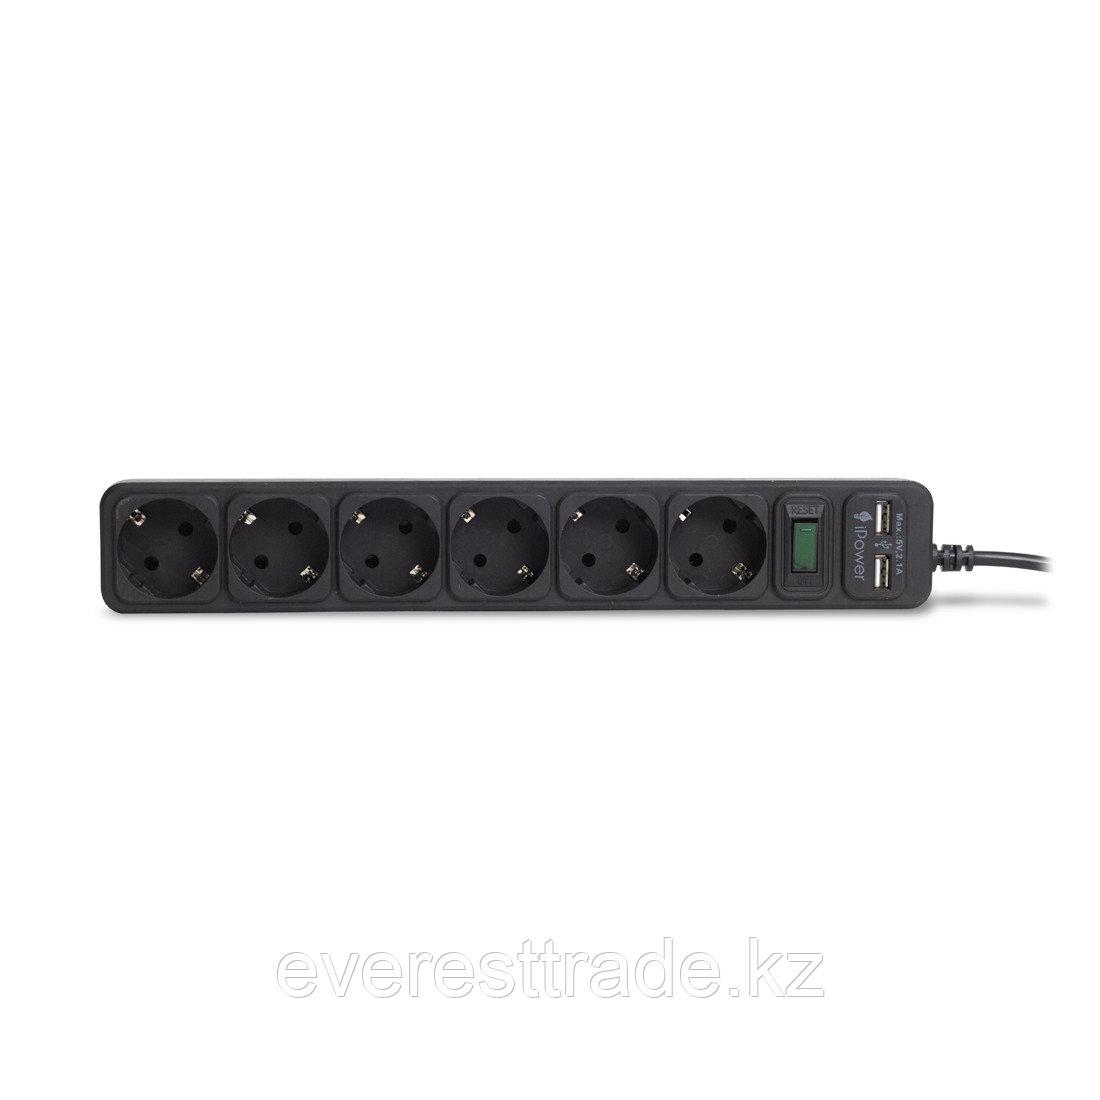 Сетевой фильтр, iPower, iPEO3m-USB, 6 розеток, 3 метра. Два USB-порта, 220-240V, 10A, Чёрный